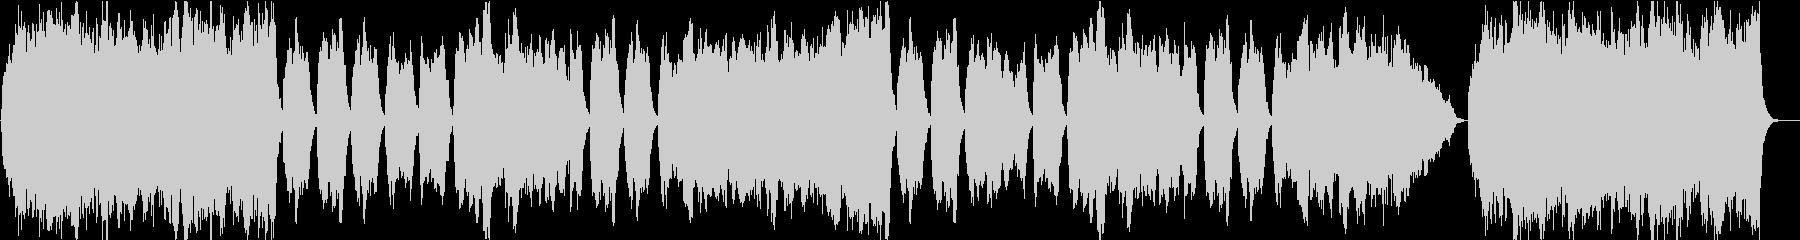 「蛍の光」ストリングスアレンジ カラオケの未再生の波形